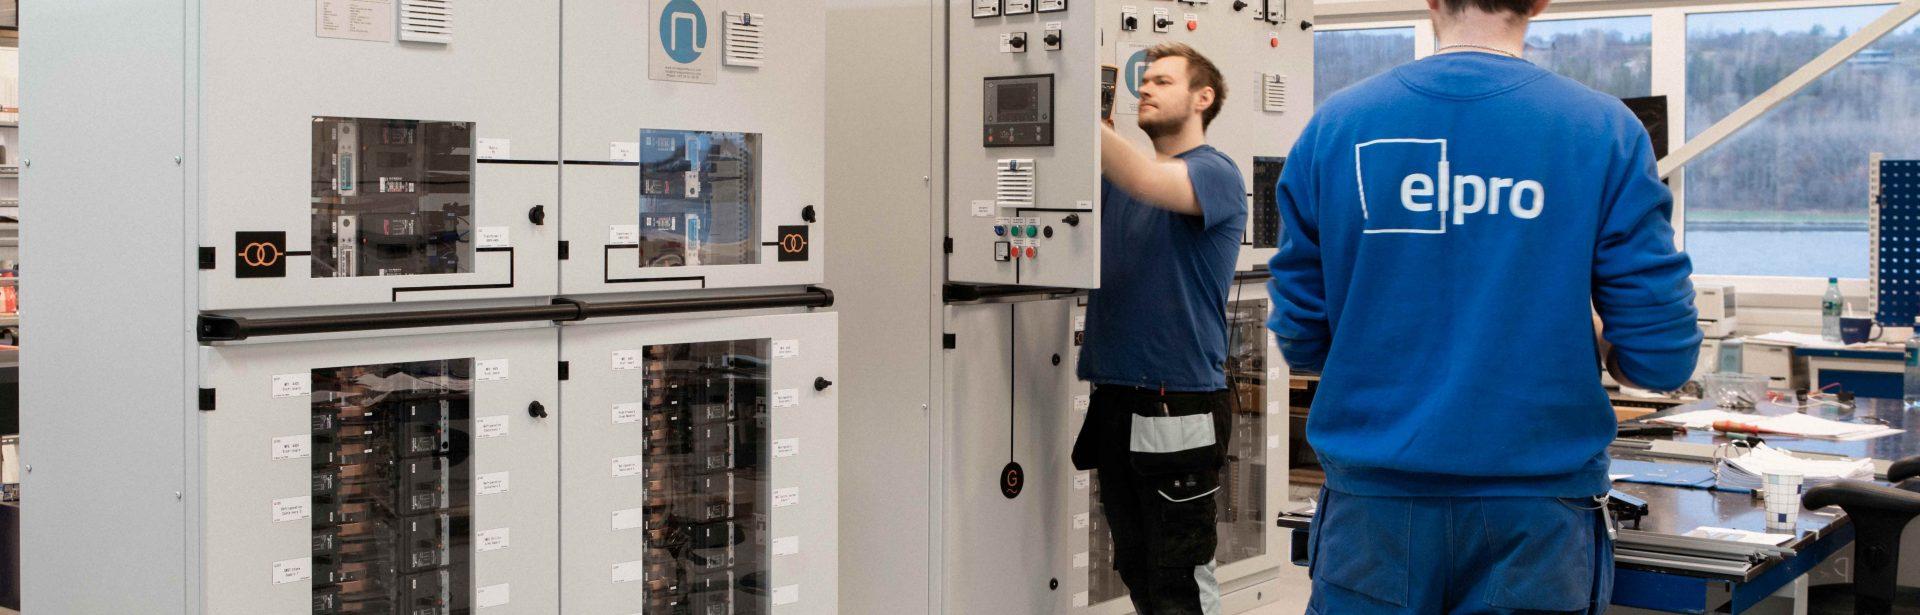 Elpro Bygg og Industri Sertifikater